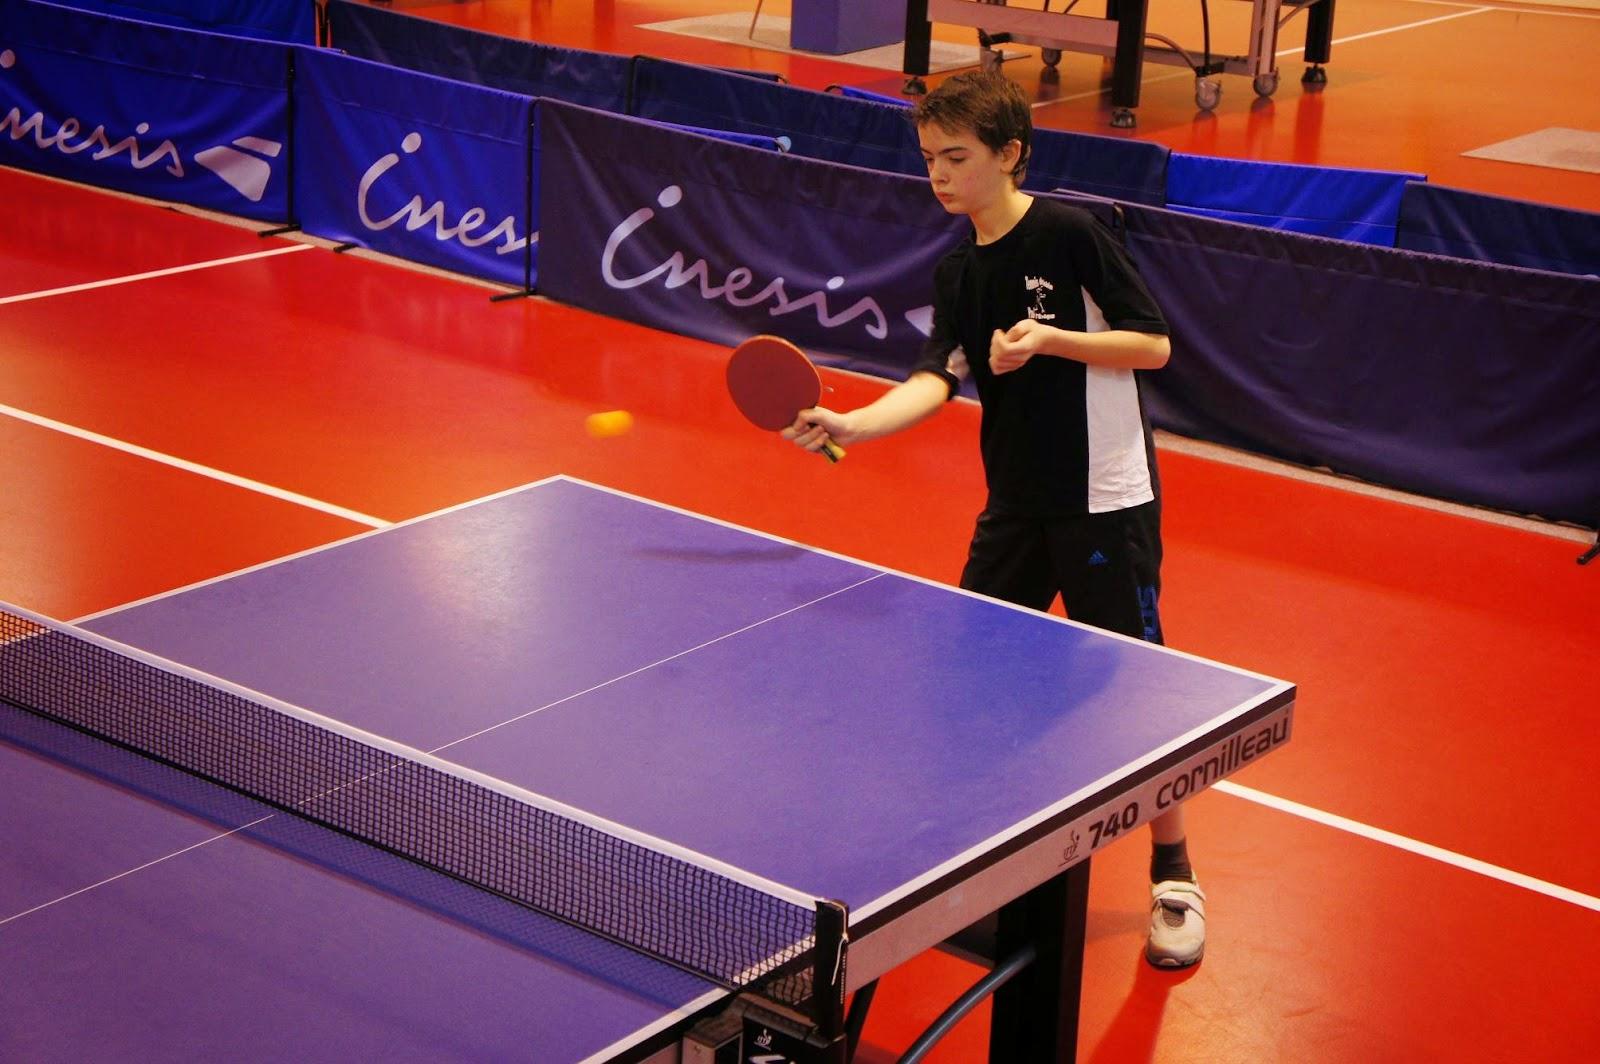 J3 championnat jeunes samedi 10 janvier 2015 tennis - Julien lacroix tennis de table ...